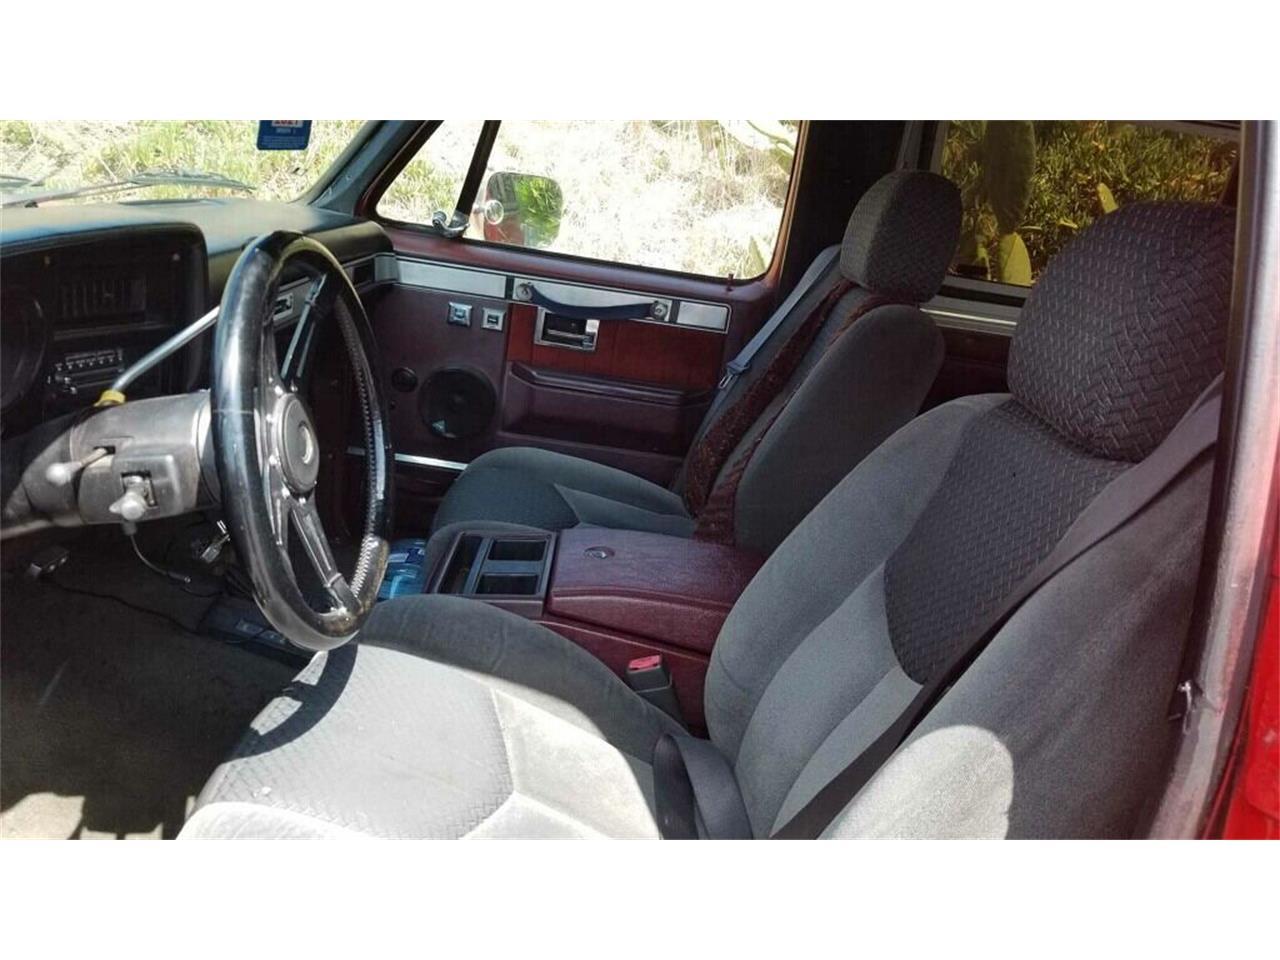 1985 Chevrolet Blazer (CC-1358989) for sale in Brea, California